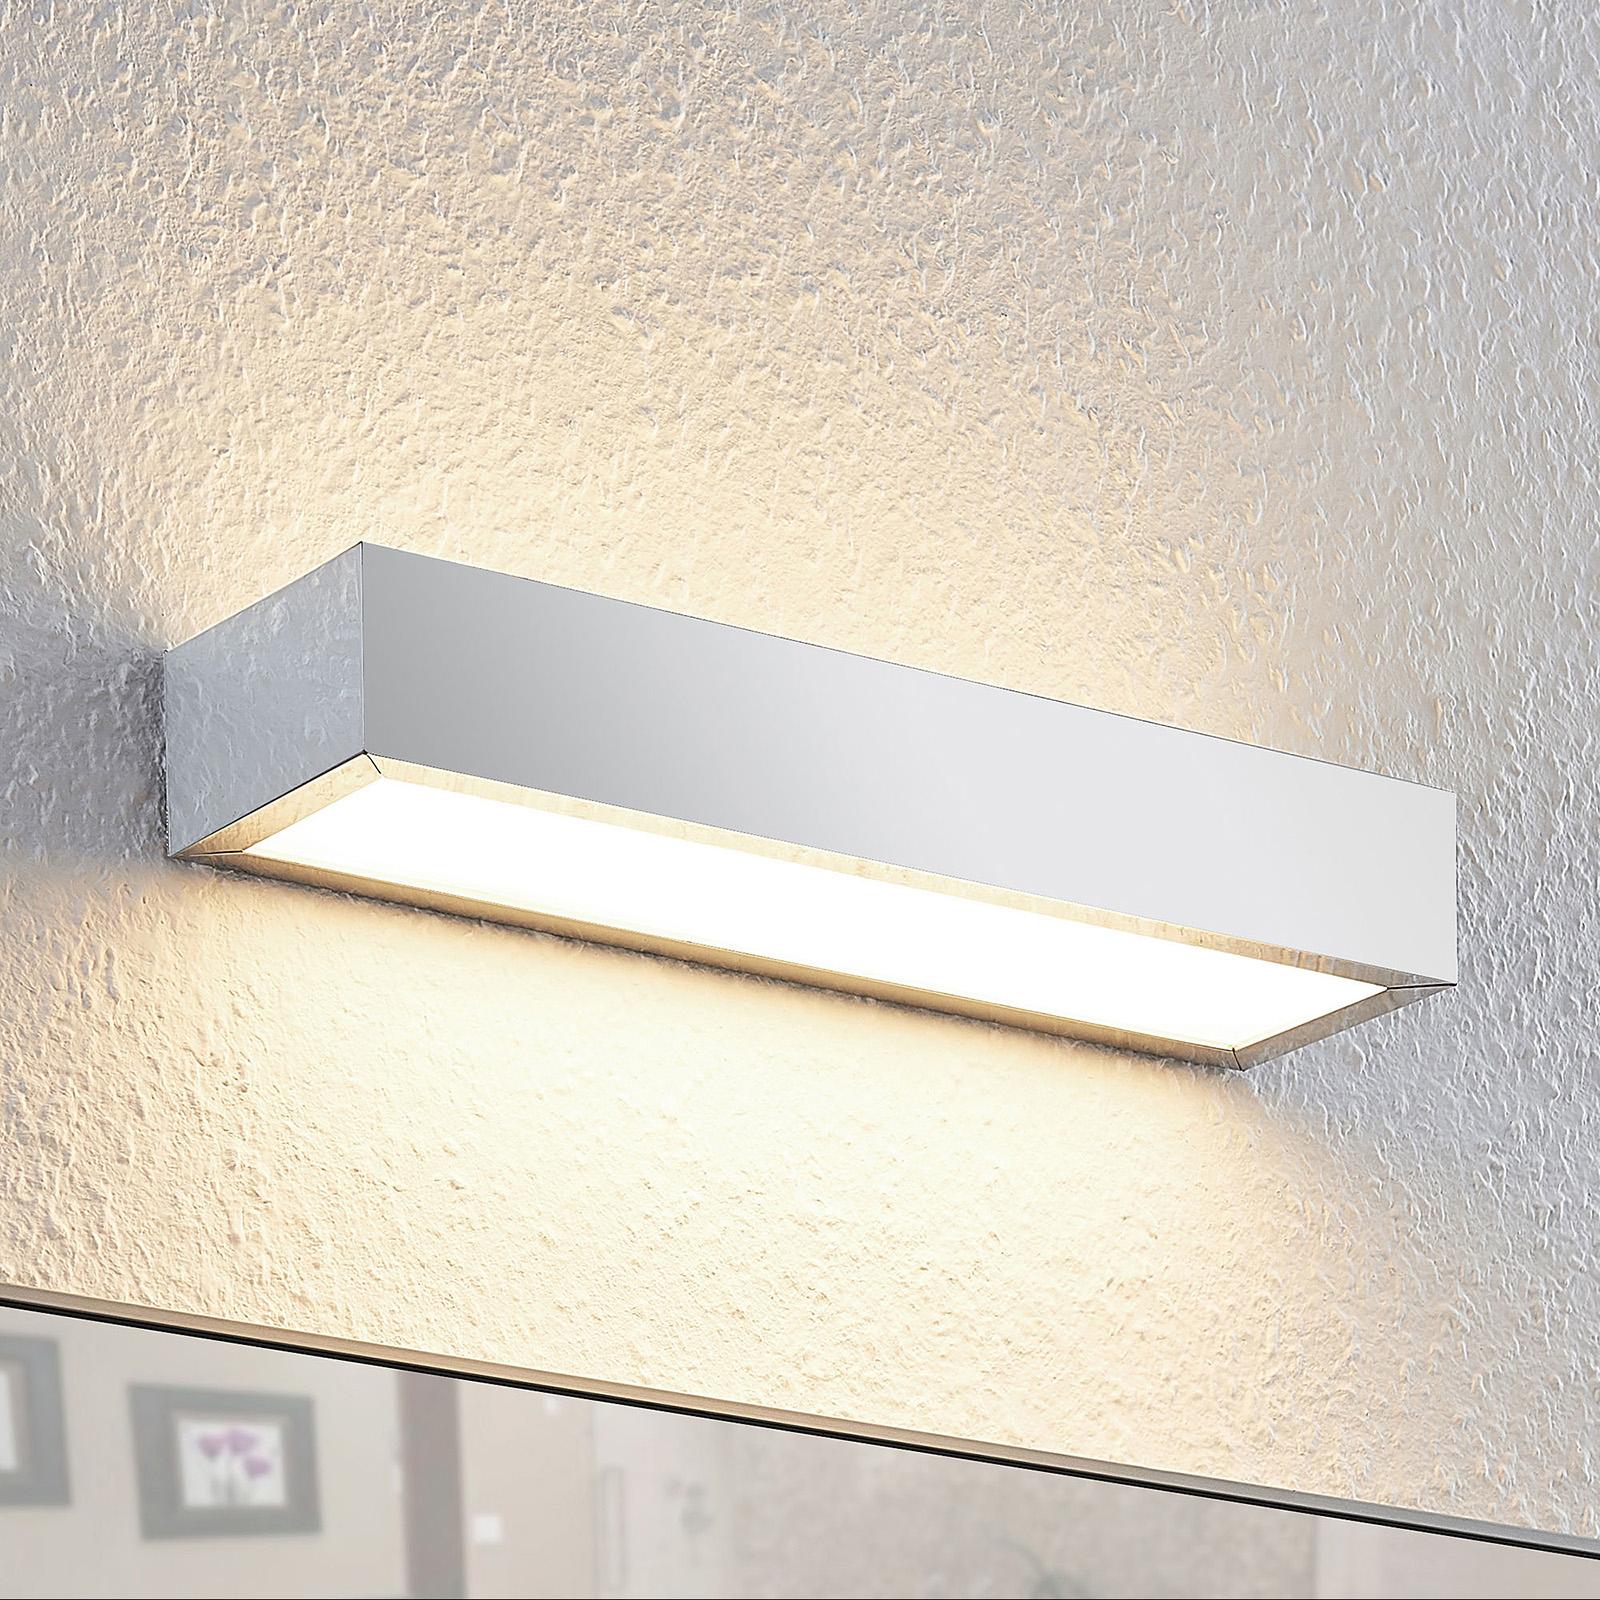 Lindby Layan LED nástěnné světlo, chrom, 30 cm